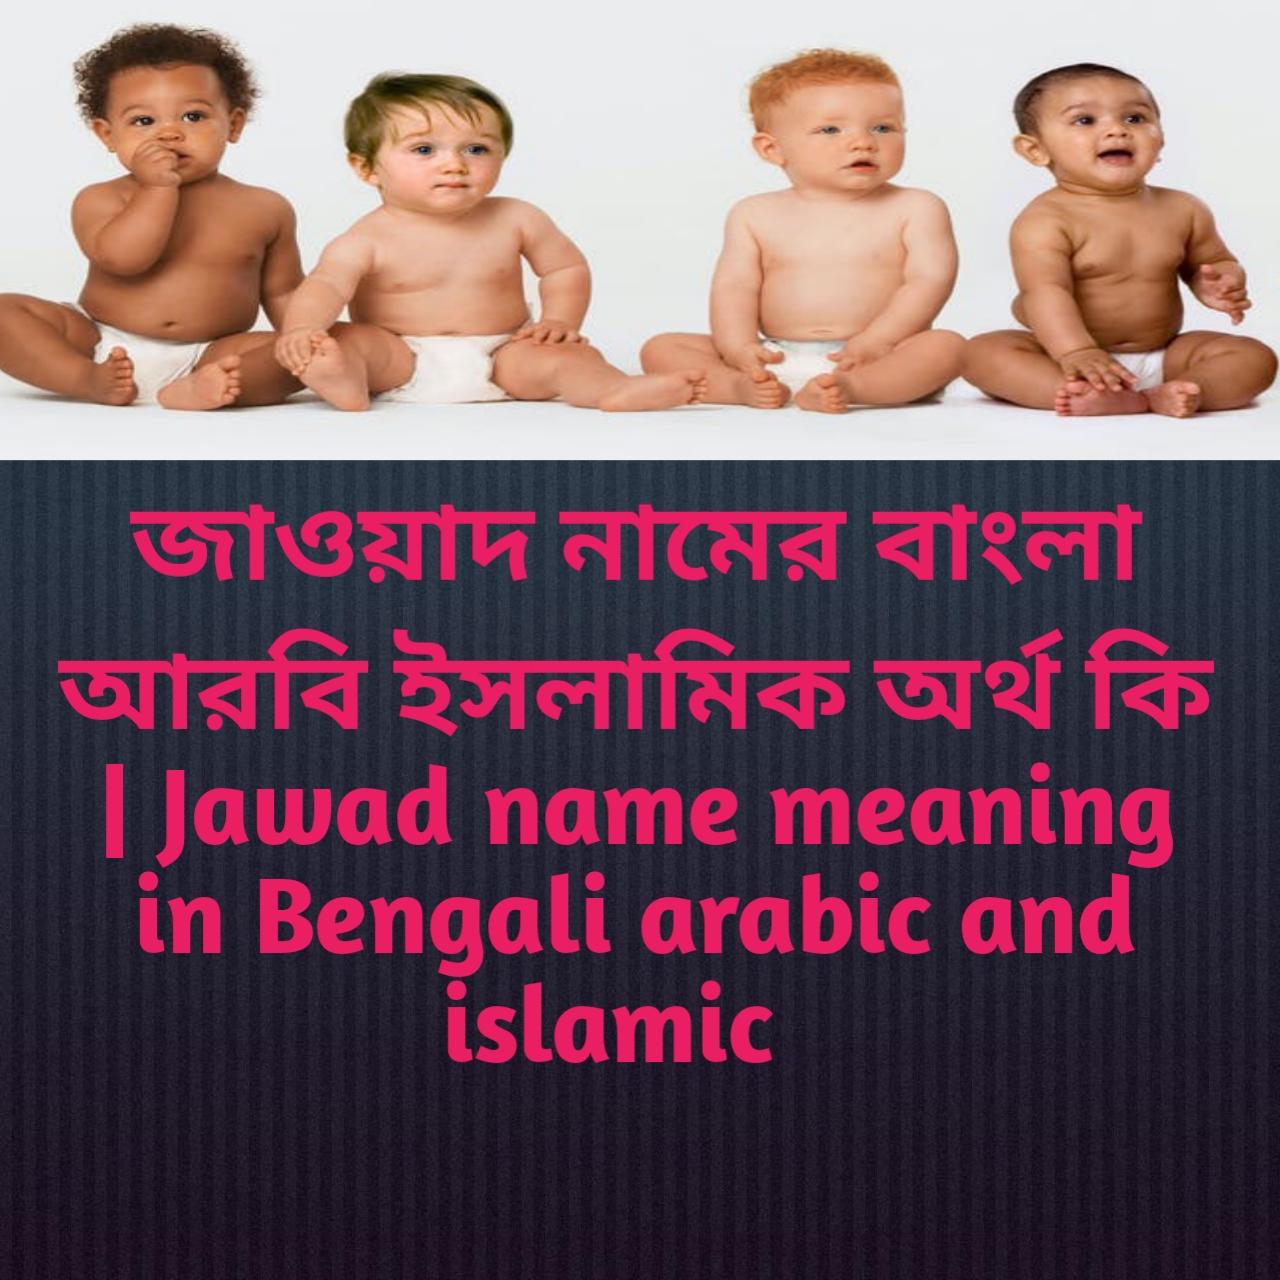 জাওয়াদ নামের অর্থ কি, জাওয়াদ নামের বাংলা অর্থ কি, জাওয়াদ নামের ইসলামিক অর্থ কি, Jawad name meaning in Bengali, জাওয়াদ কি ইসলামিক নাম,